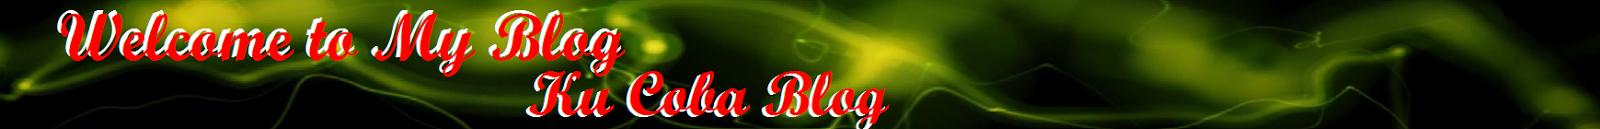 KU COBA BLOG.COM